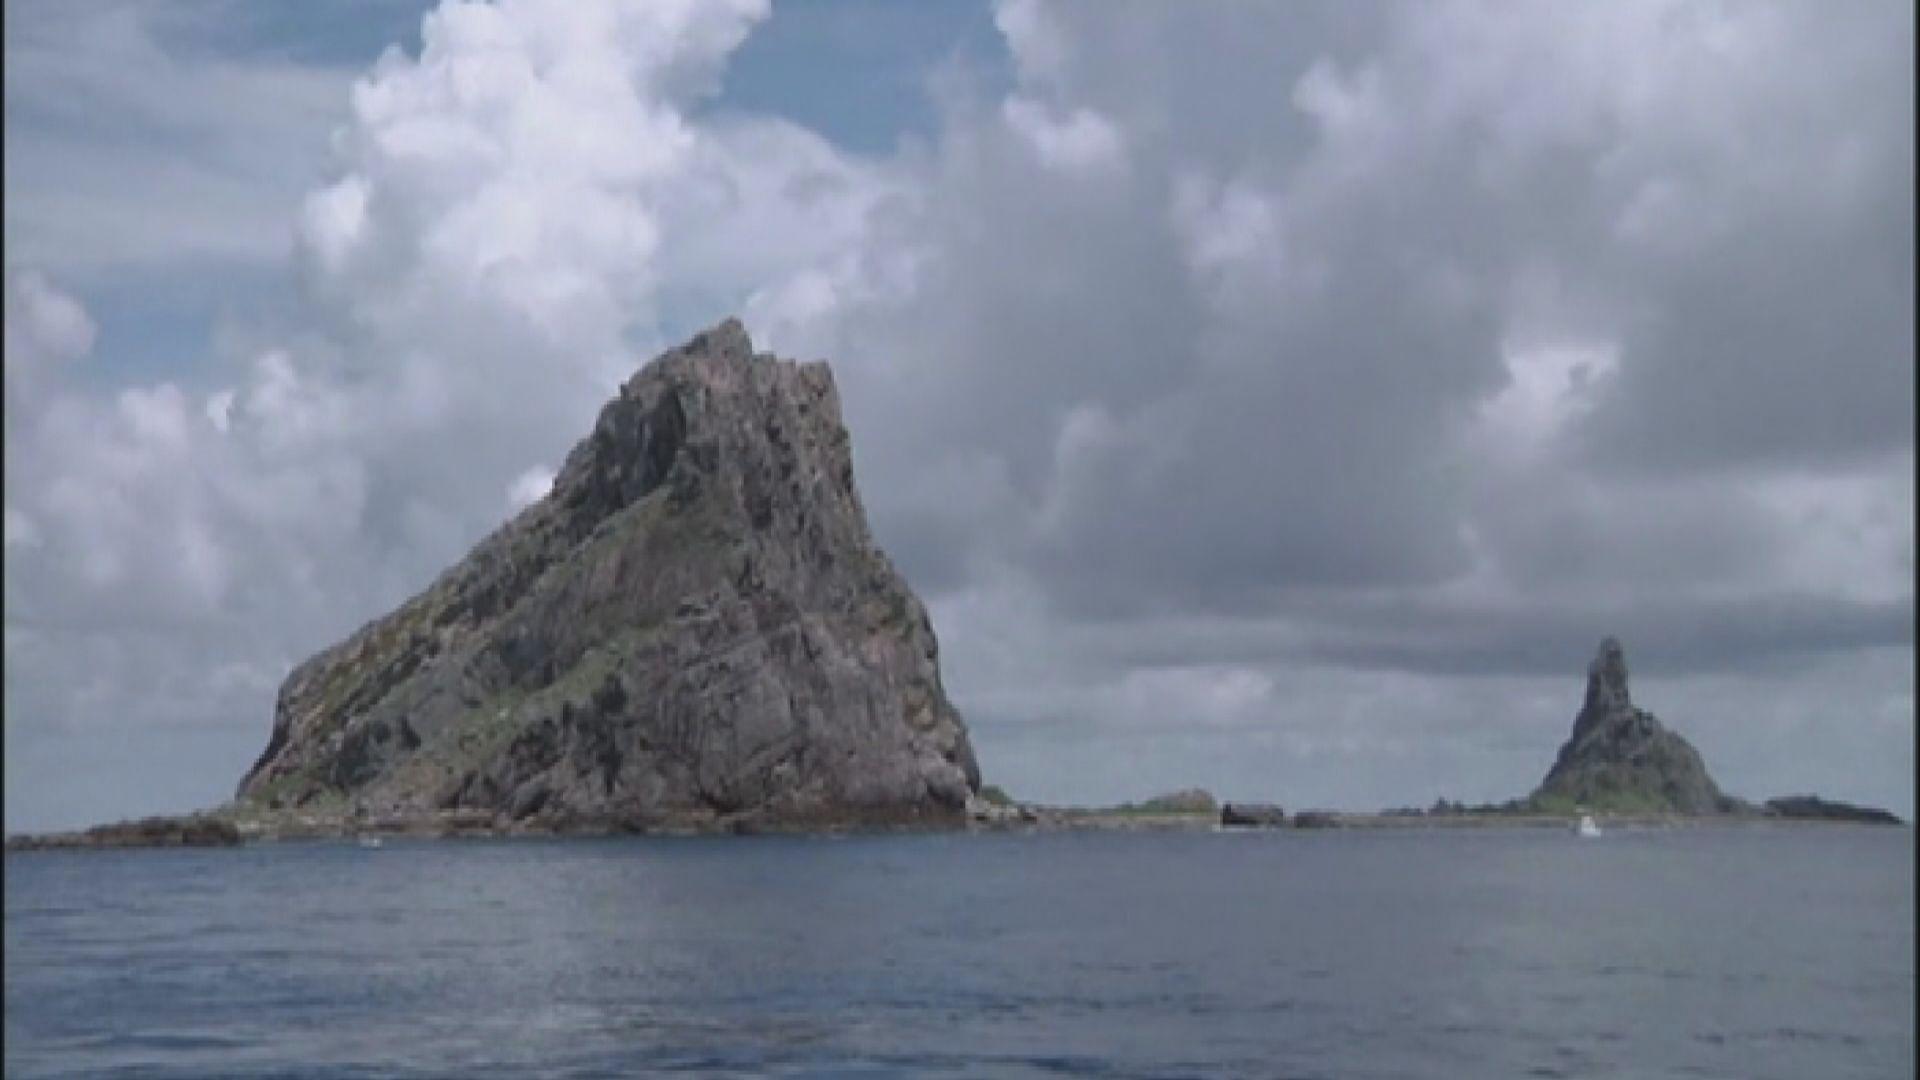 日本稱不排除在釣魚島周邊海域使用武器